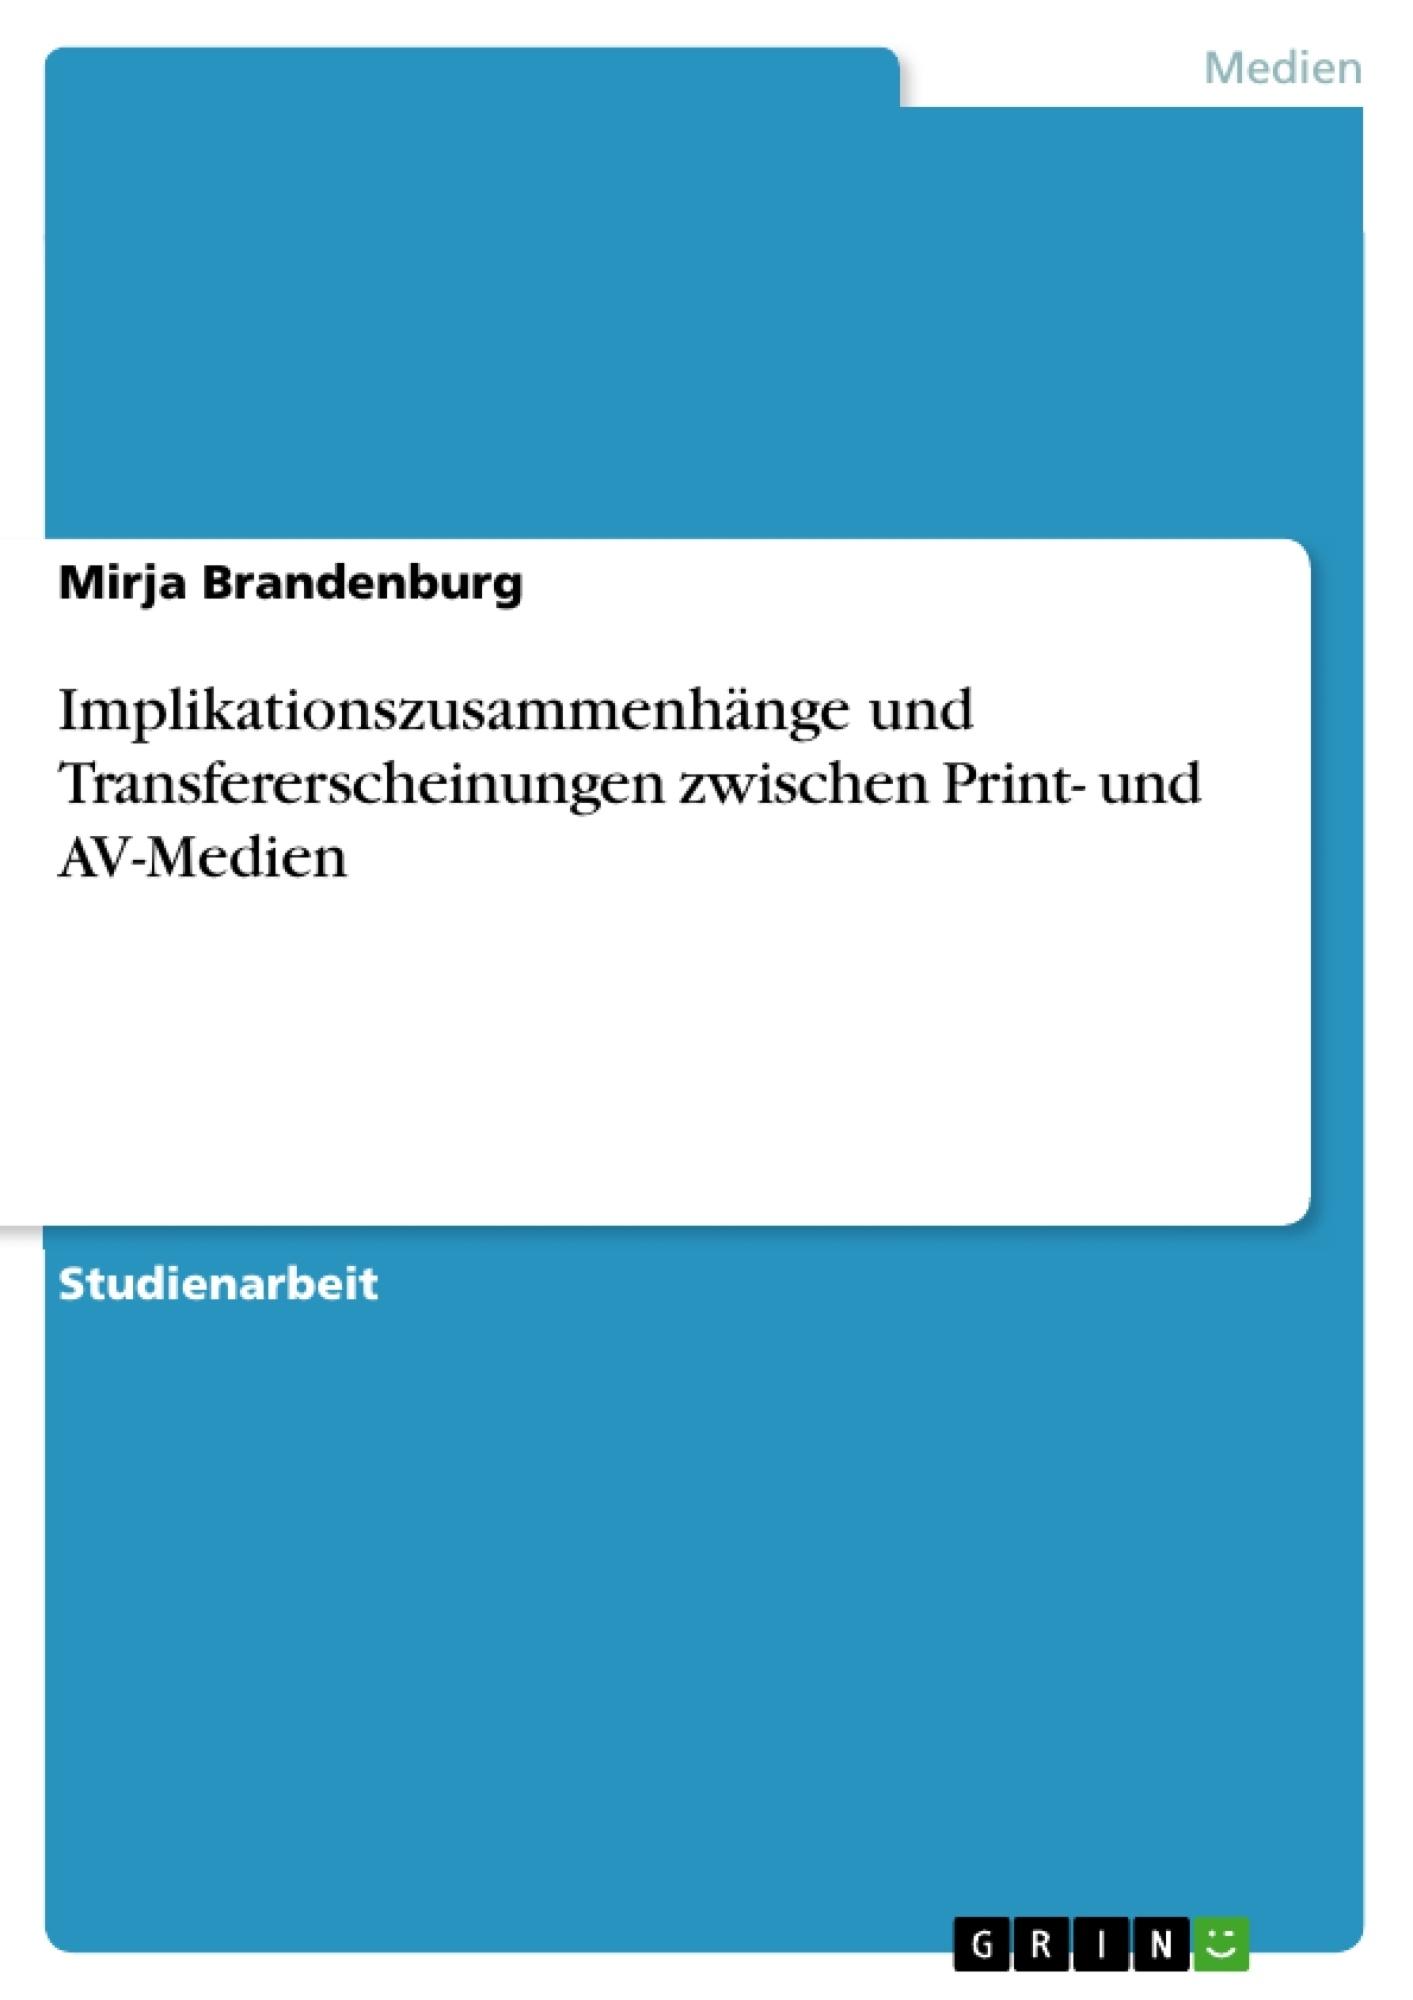 Titel: Implikationszusammenhänge und Transfererscheinungen zwischen Print- und AV-Medien